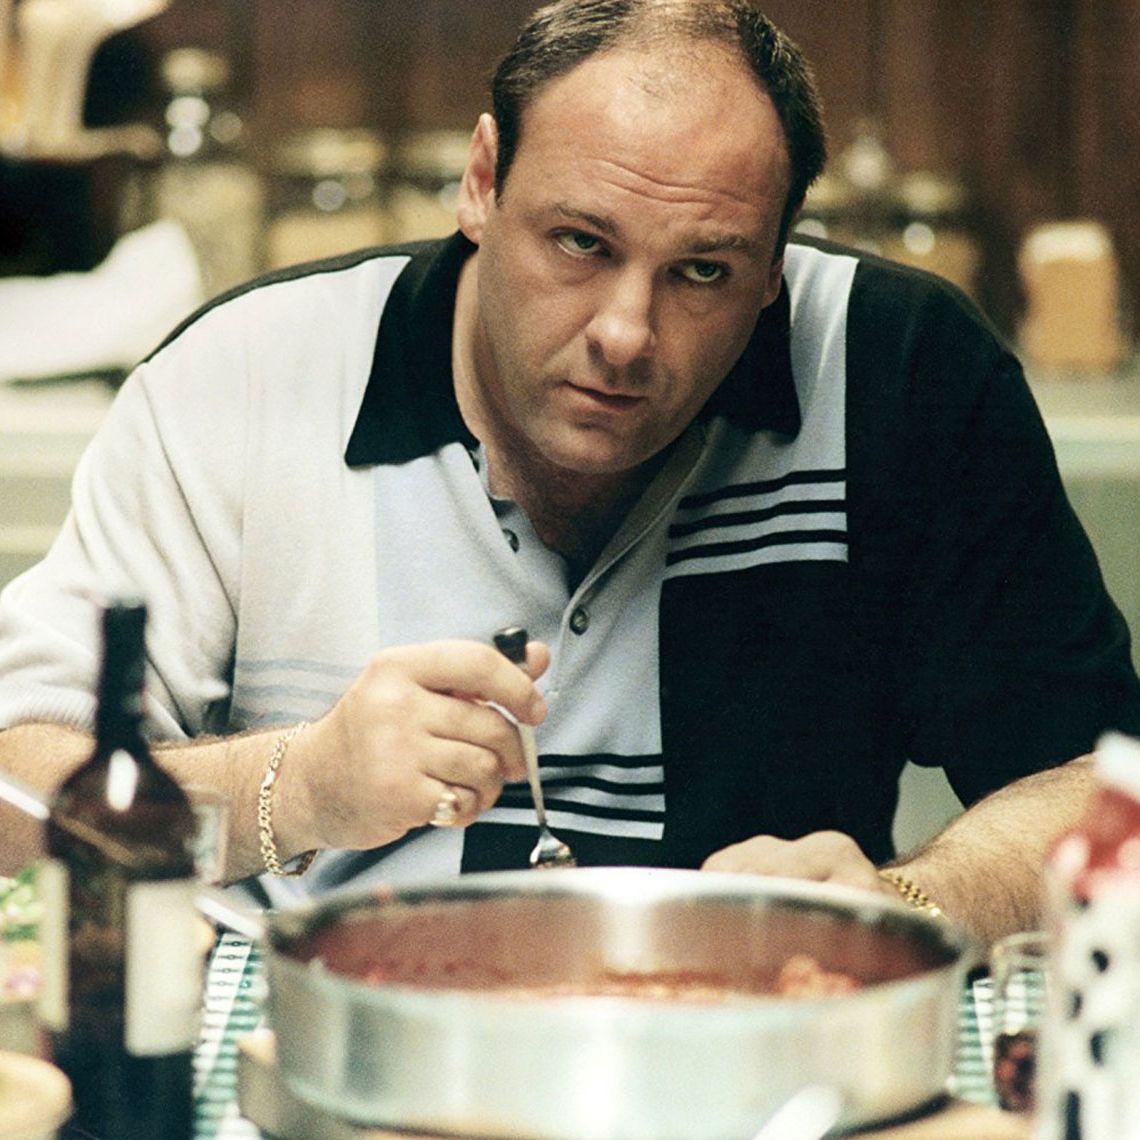 The Sopranos: The 10 Best Episodes